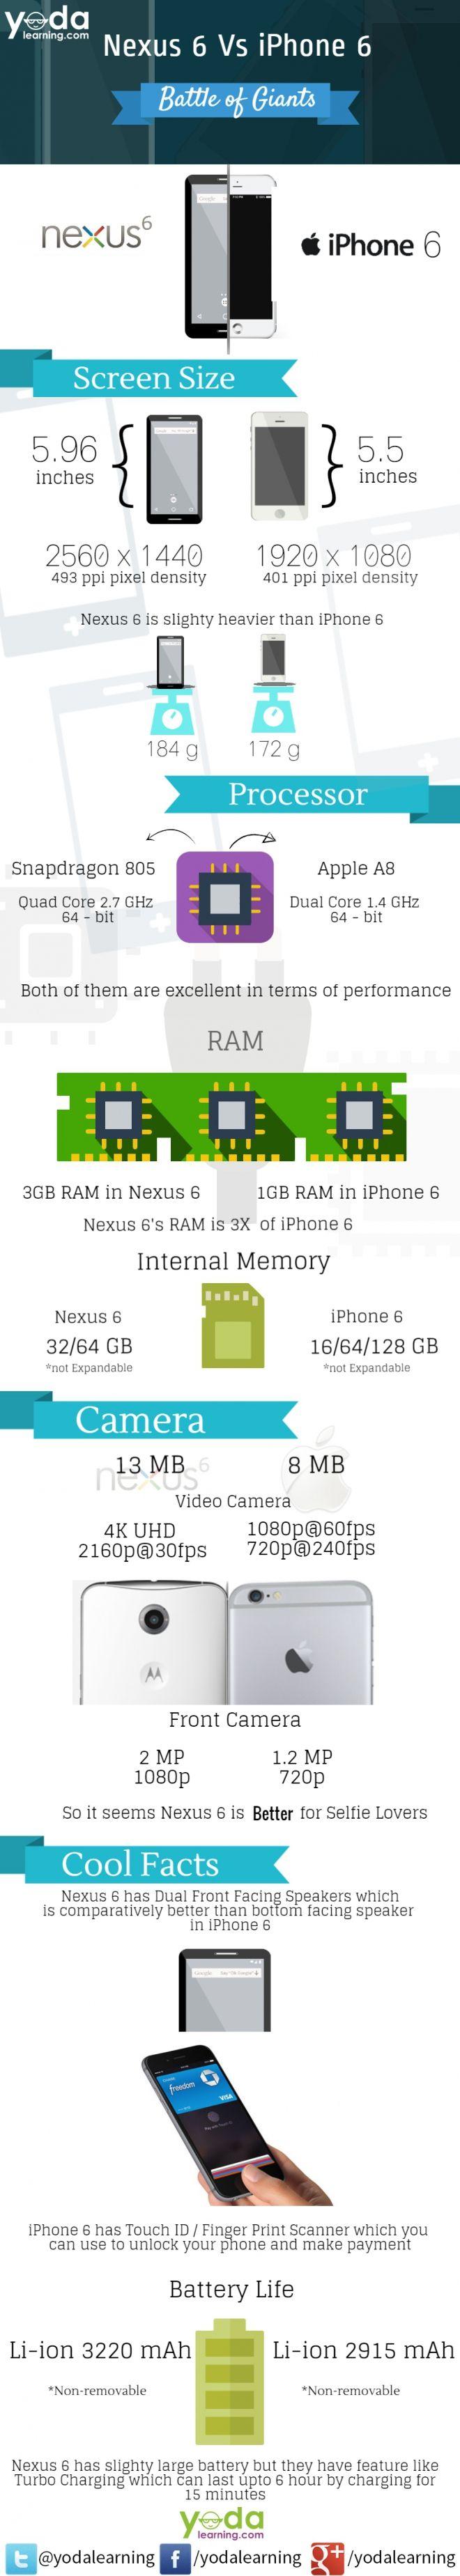 iPhone6plus-vs-Nexus6